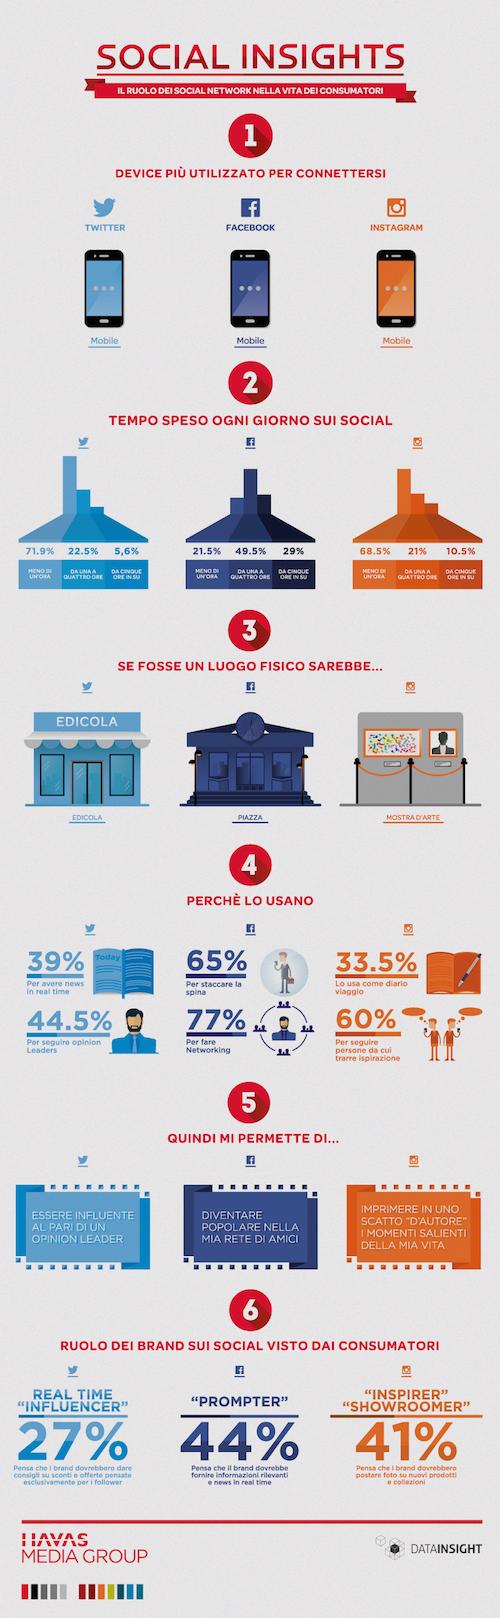 Social_insights_infografica